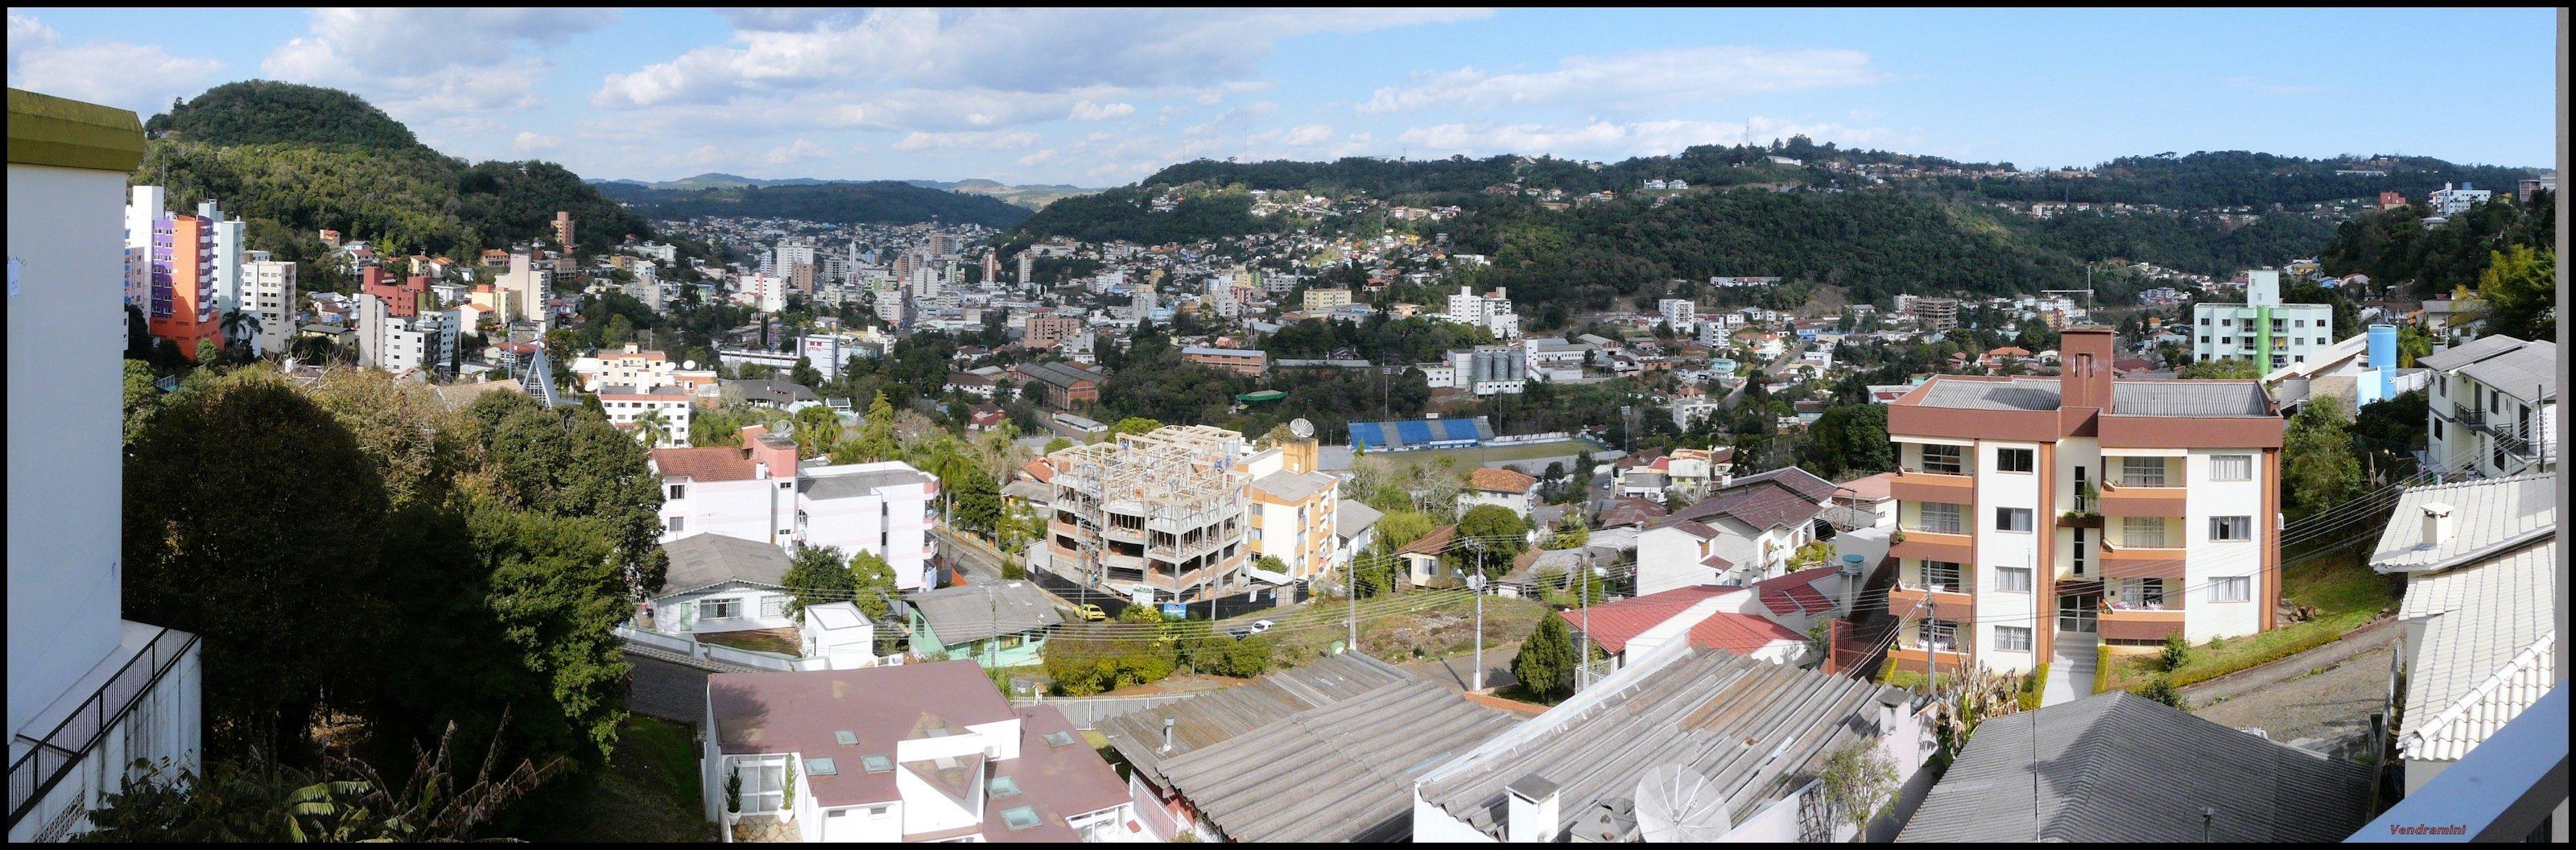 As melhores cidades pequenas do Brasil para viver (5)